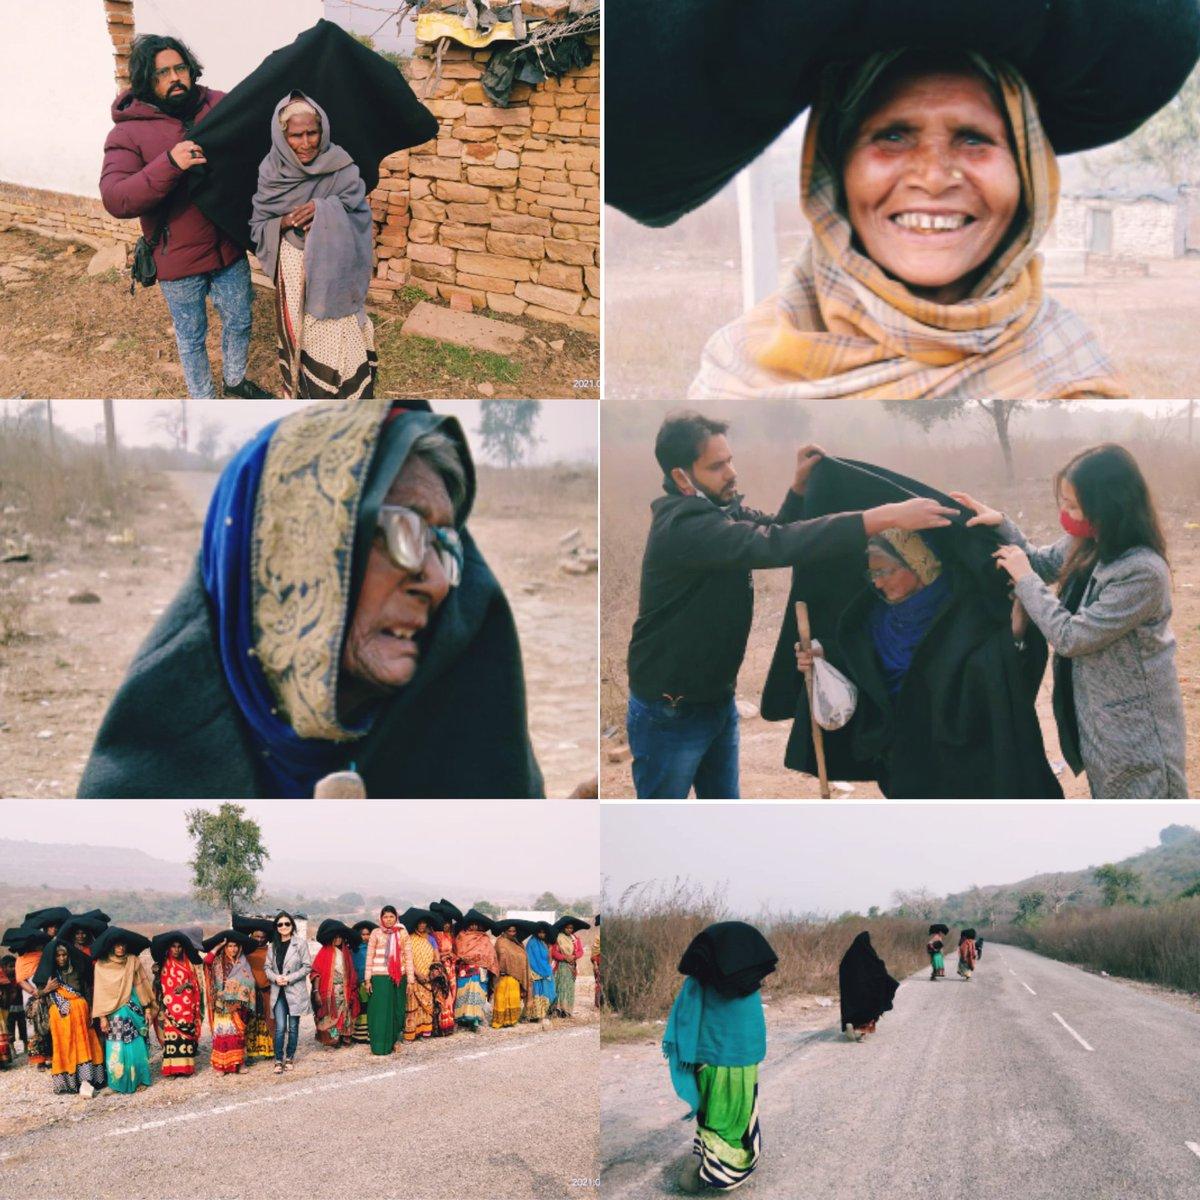 @SonuSood सर को कोटि-कोटि नमन 🙏  आज मिर्जापुर में विन्धपर्वत पर बुजुर्ग दादियों और बनवासी लोग को इस कड़कड़ाती ठंड में कम्बल वितरित किया गया इसके साथ साथ 17 को सुकृत (सोनभद्र )और 19 को वाराणसी (रोहनिया) में वितरण किया जाएगा। मिर्जापुर वासियों  के तरफ से दिल से आभार सोनू सूद भैया.